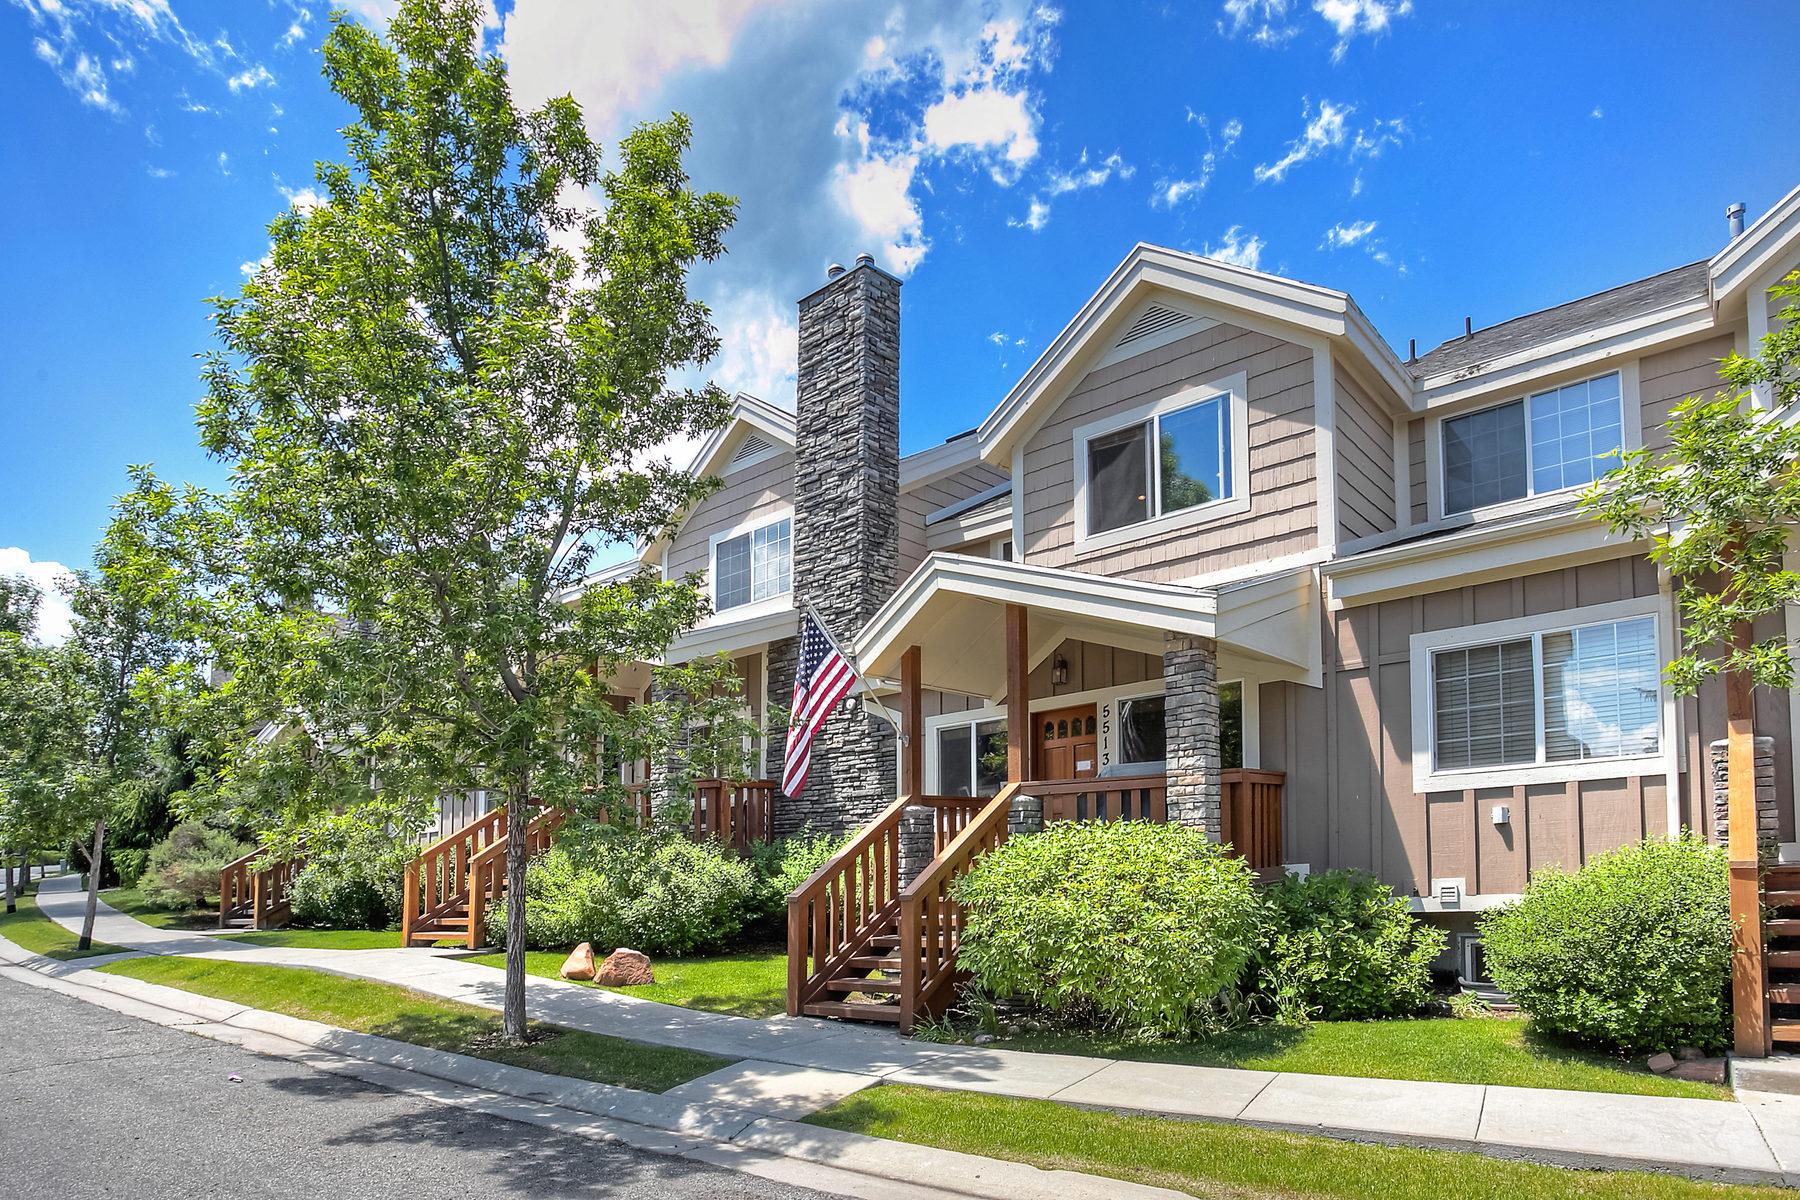 Таунхаус для того Продажа на Rare Affordable Bear Hollow Townhouse 5513 Bobsled Blvd Park City, Юта 84098 Соединенные Штаты